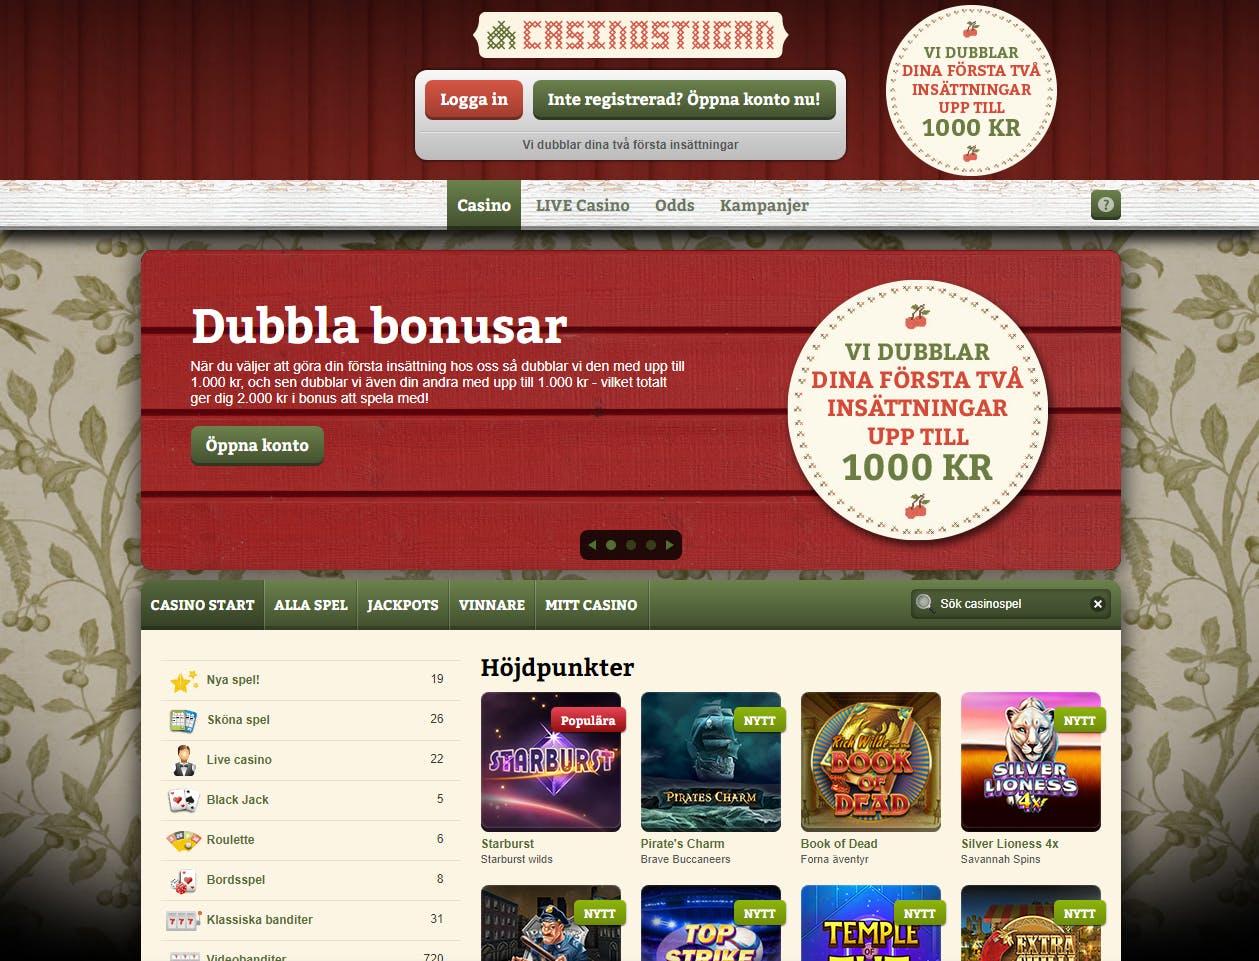 Värdera odds casino på mobilen Strand